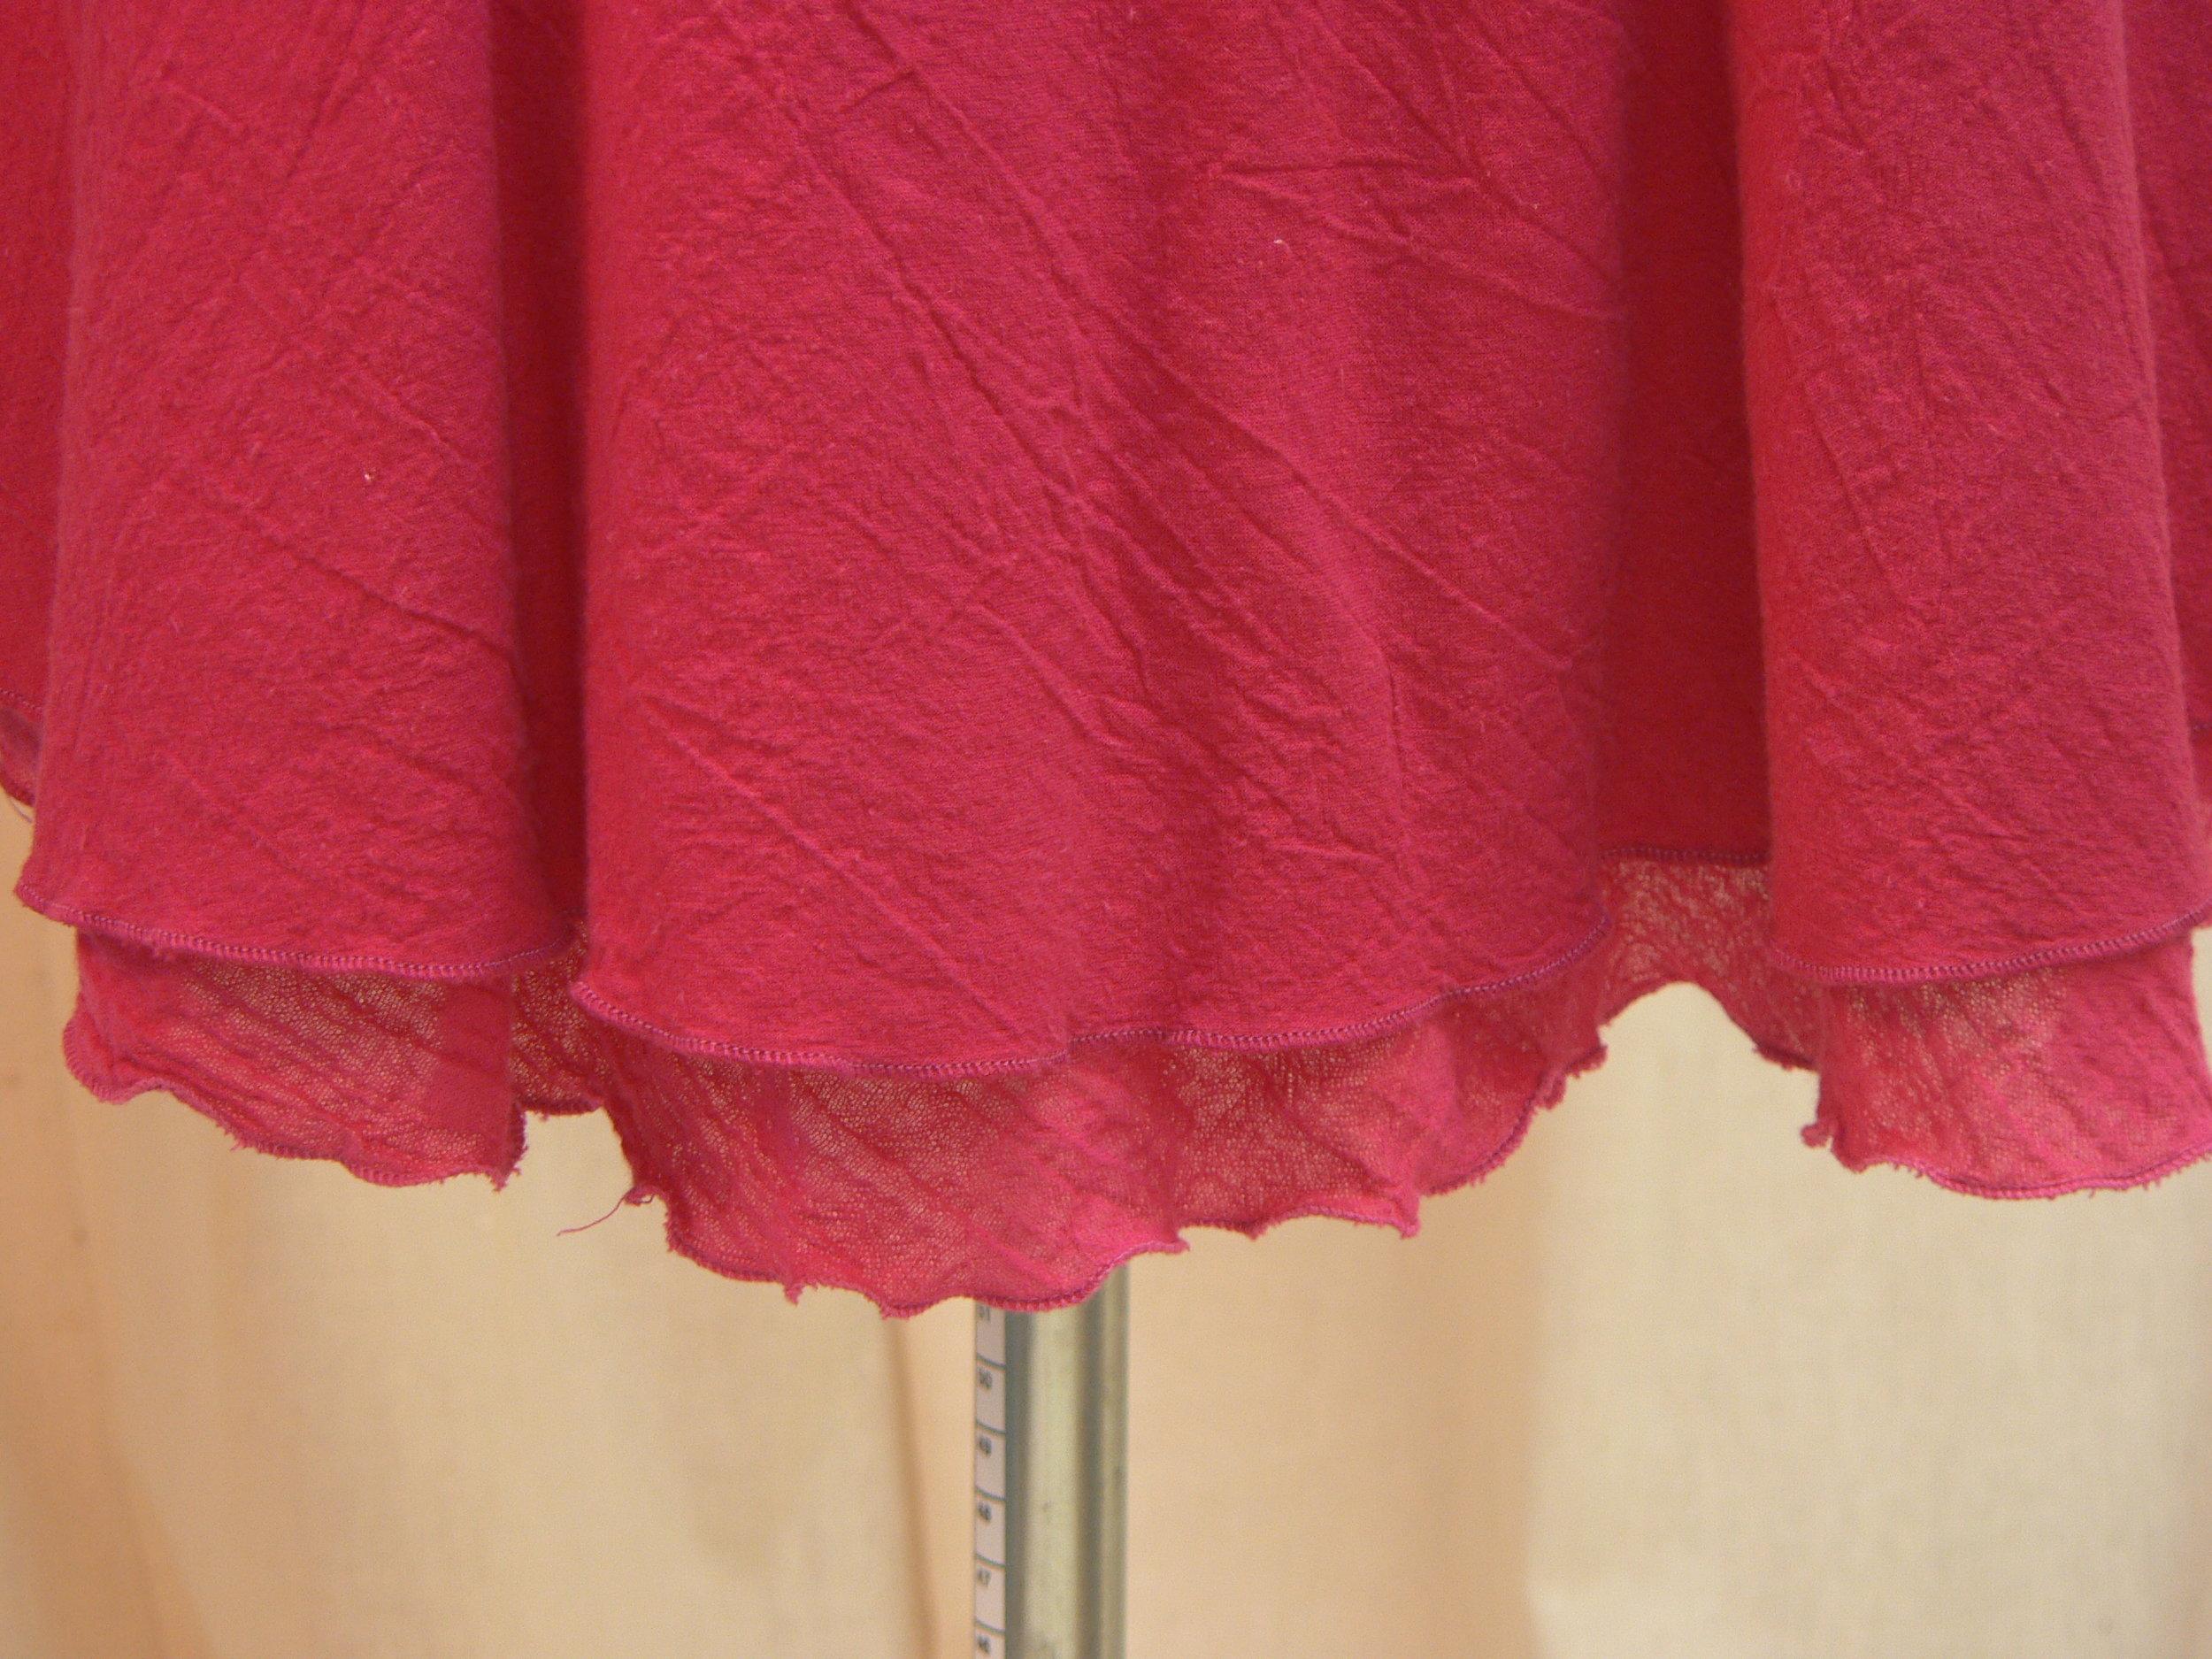 skirt09_detail_hem.JPG